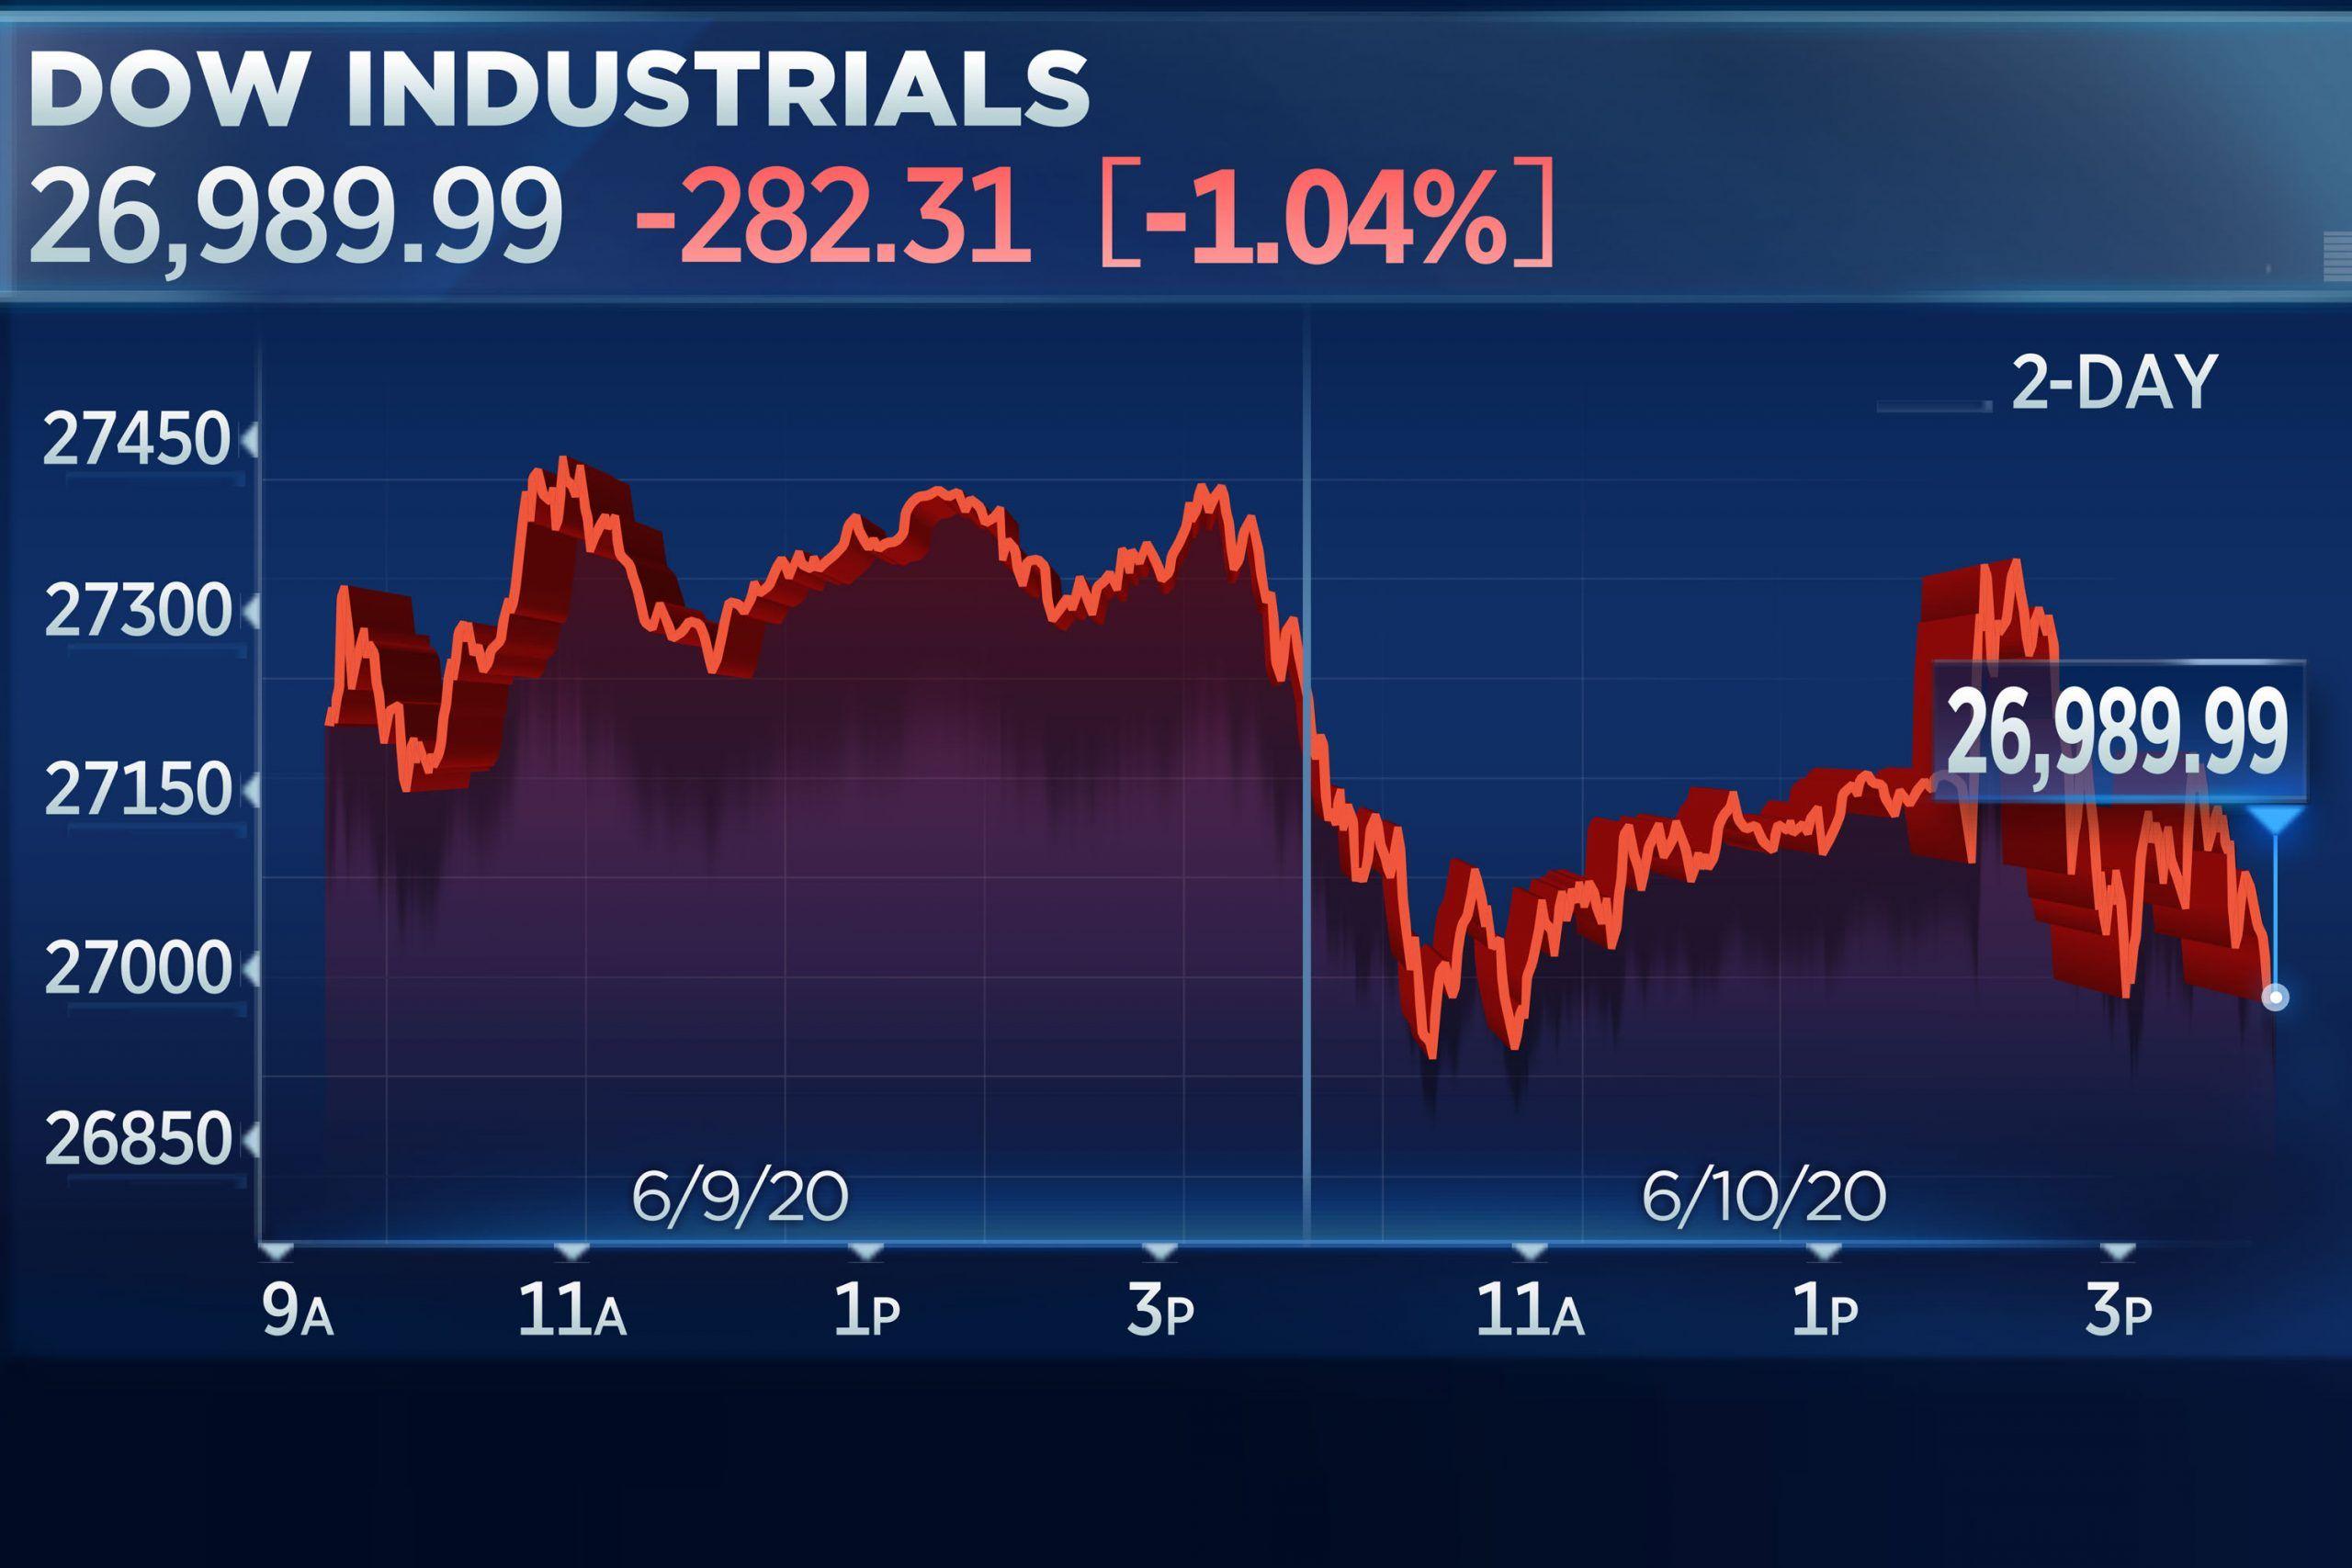 Dow and S&P 500 post backtoback losses but Nasdaq closes